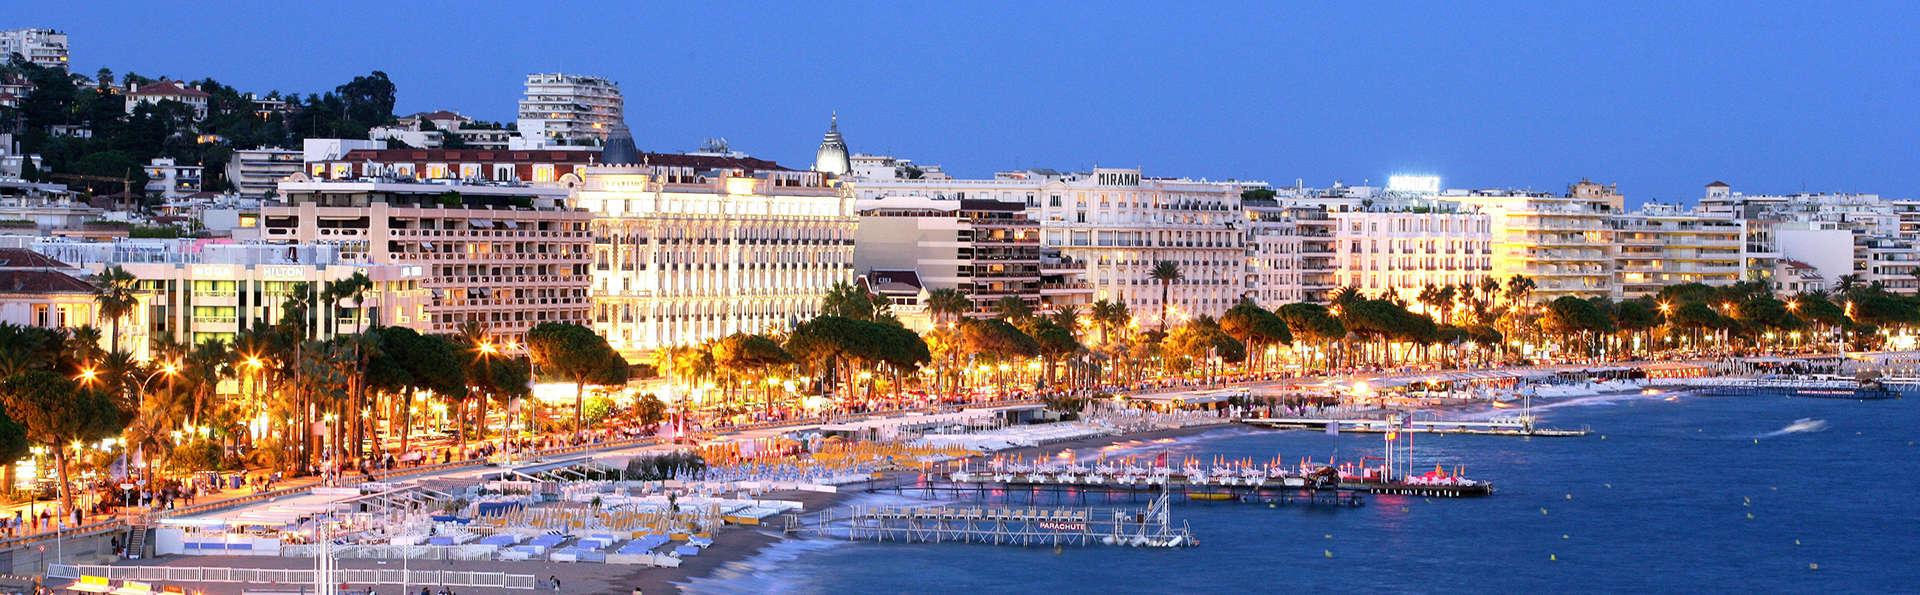 Détente et tourisme au cœur de Cannes